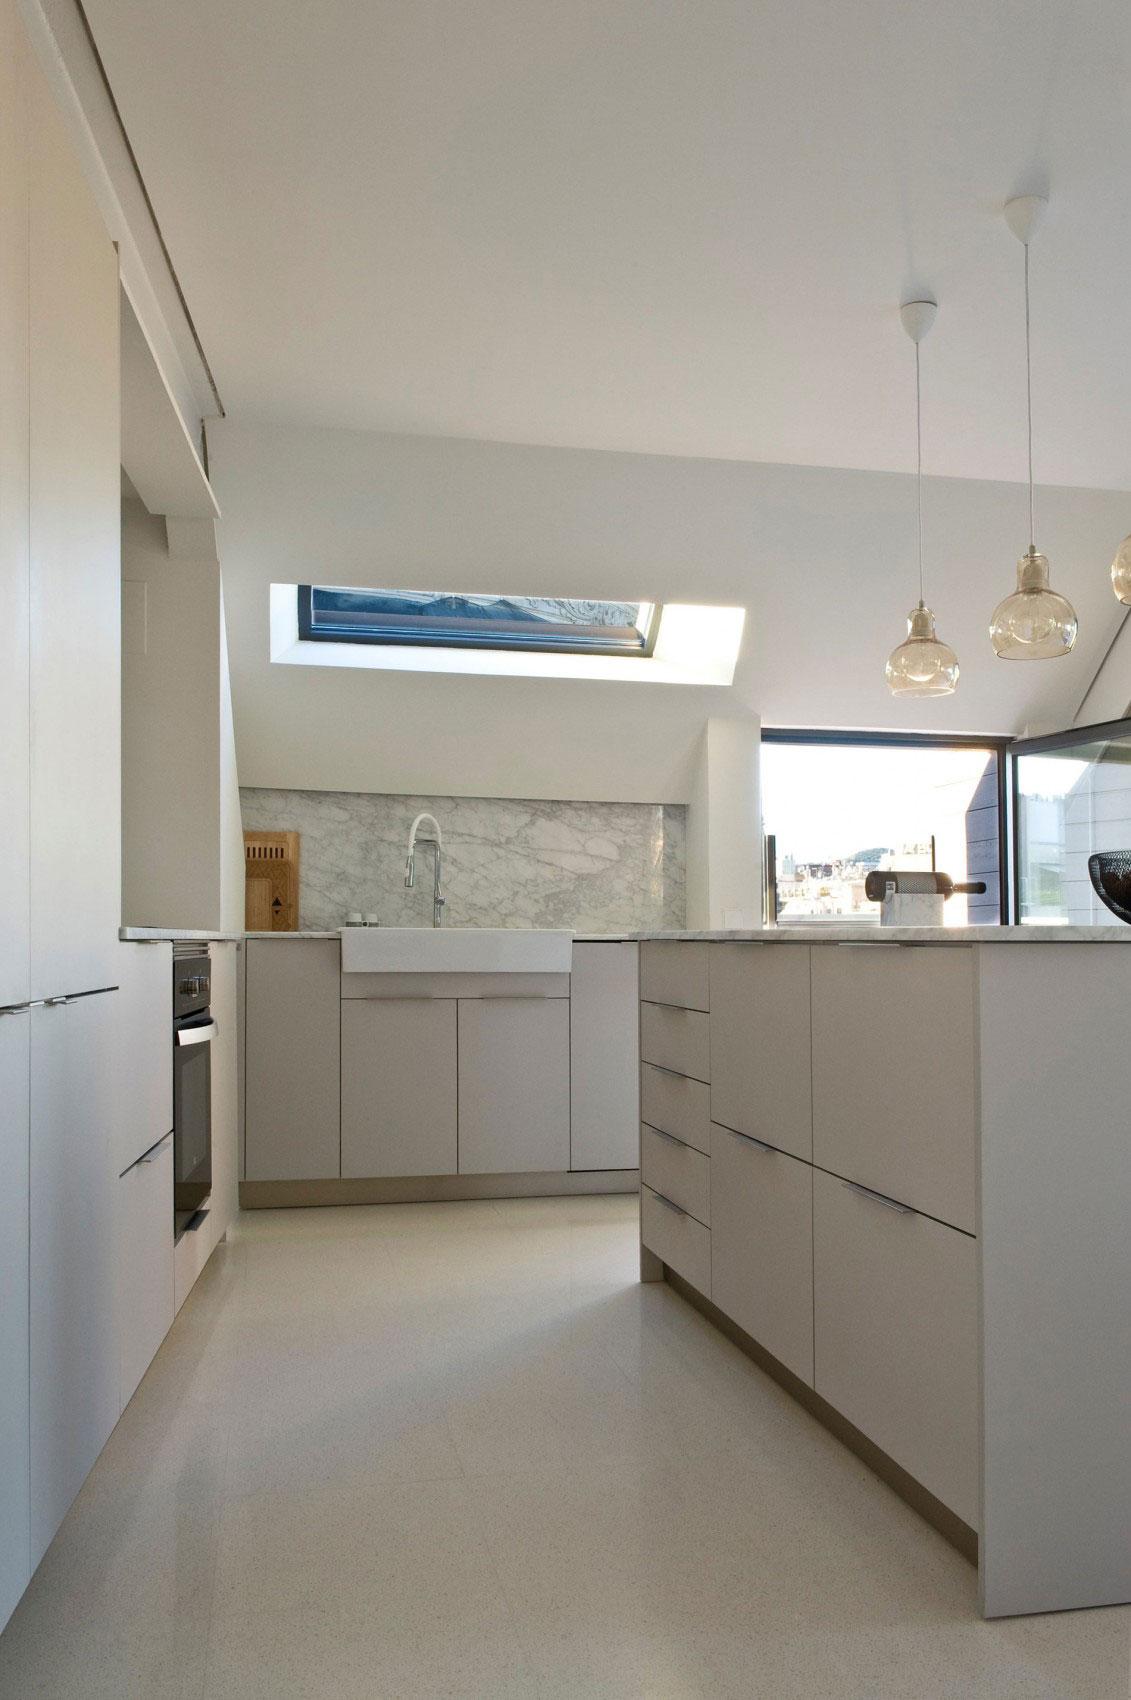 Rymlig takvåning-med-en-fin-balans-av-möbler-och-interiör-dekorationer-6 Rymlig takvåning med-en-fin-balans-av-möbler-och-interiör-dekorationer